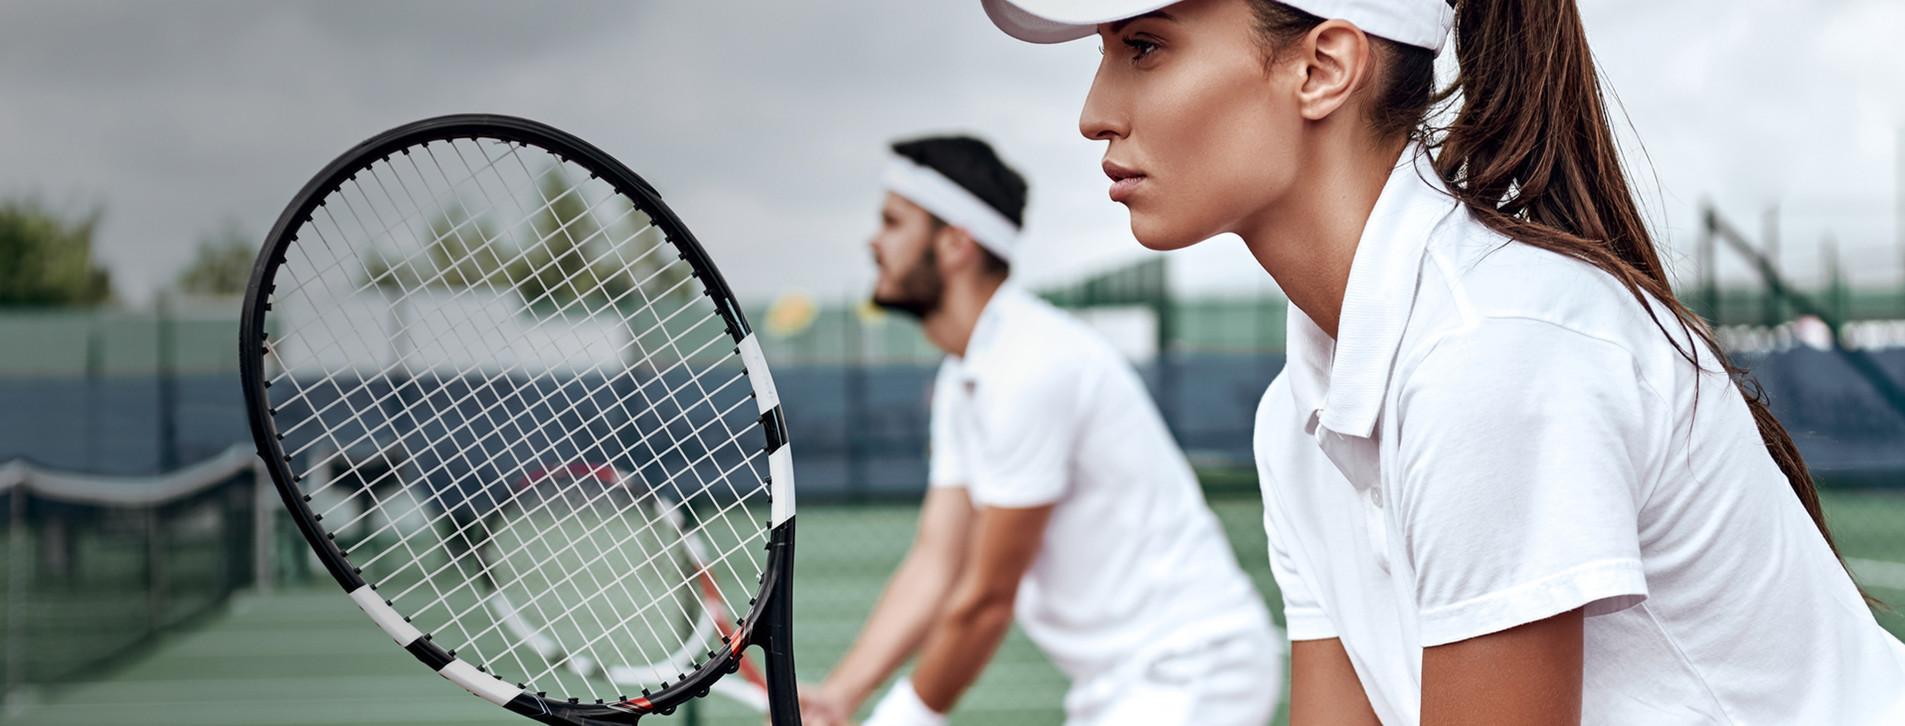 Фото - Майстер-клас великого тенісу для двох